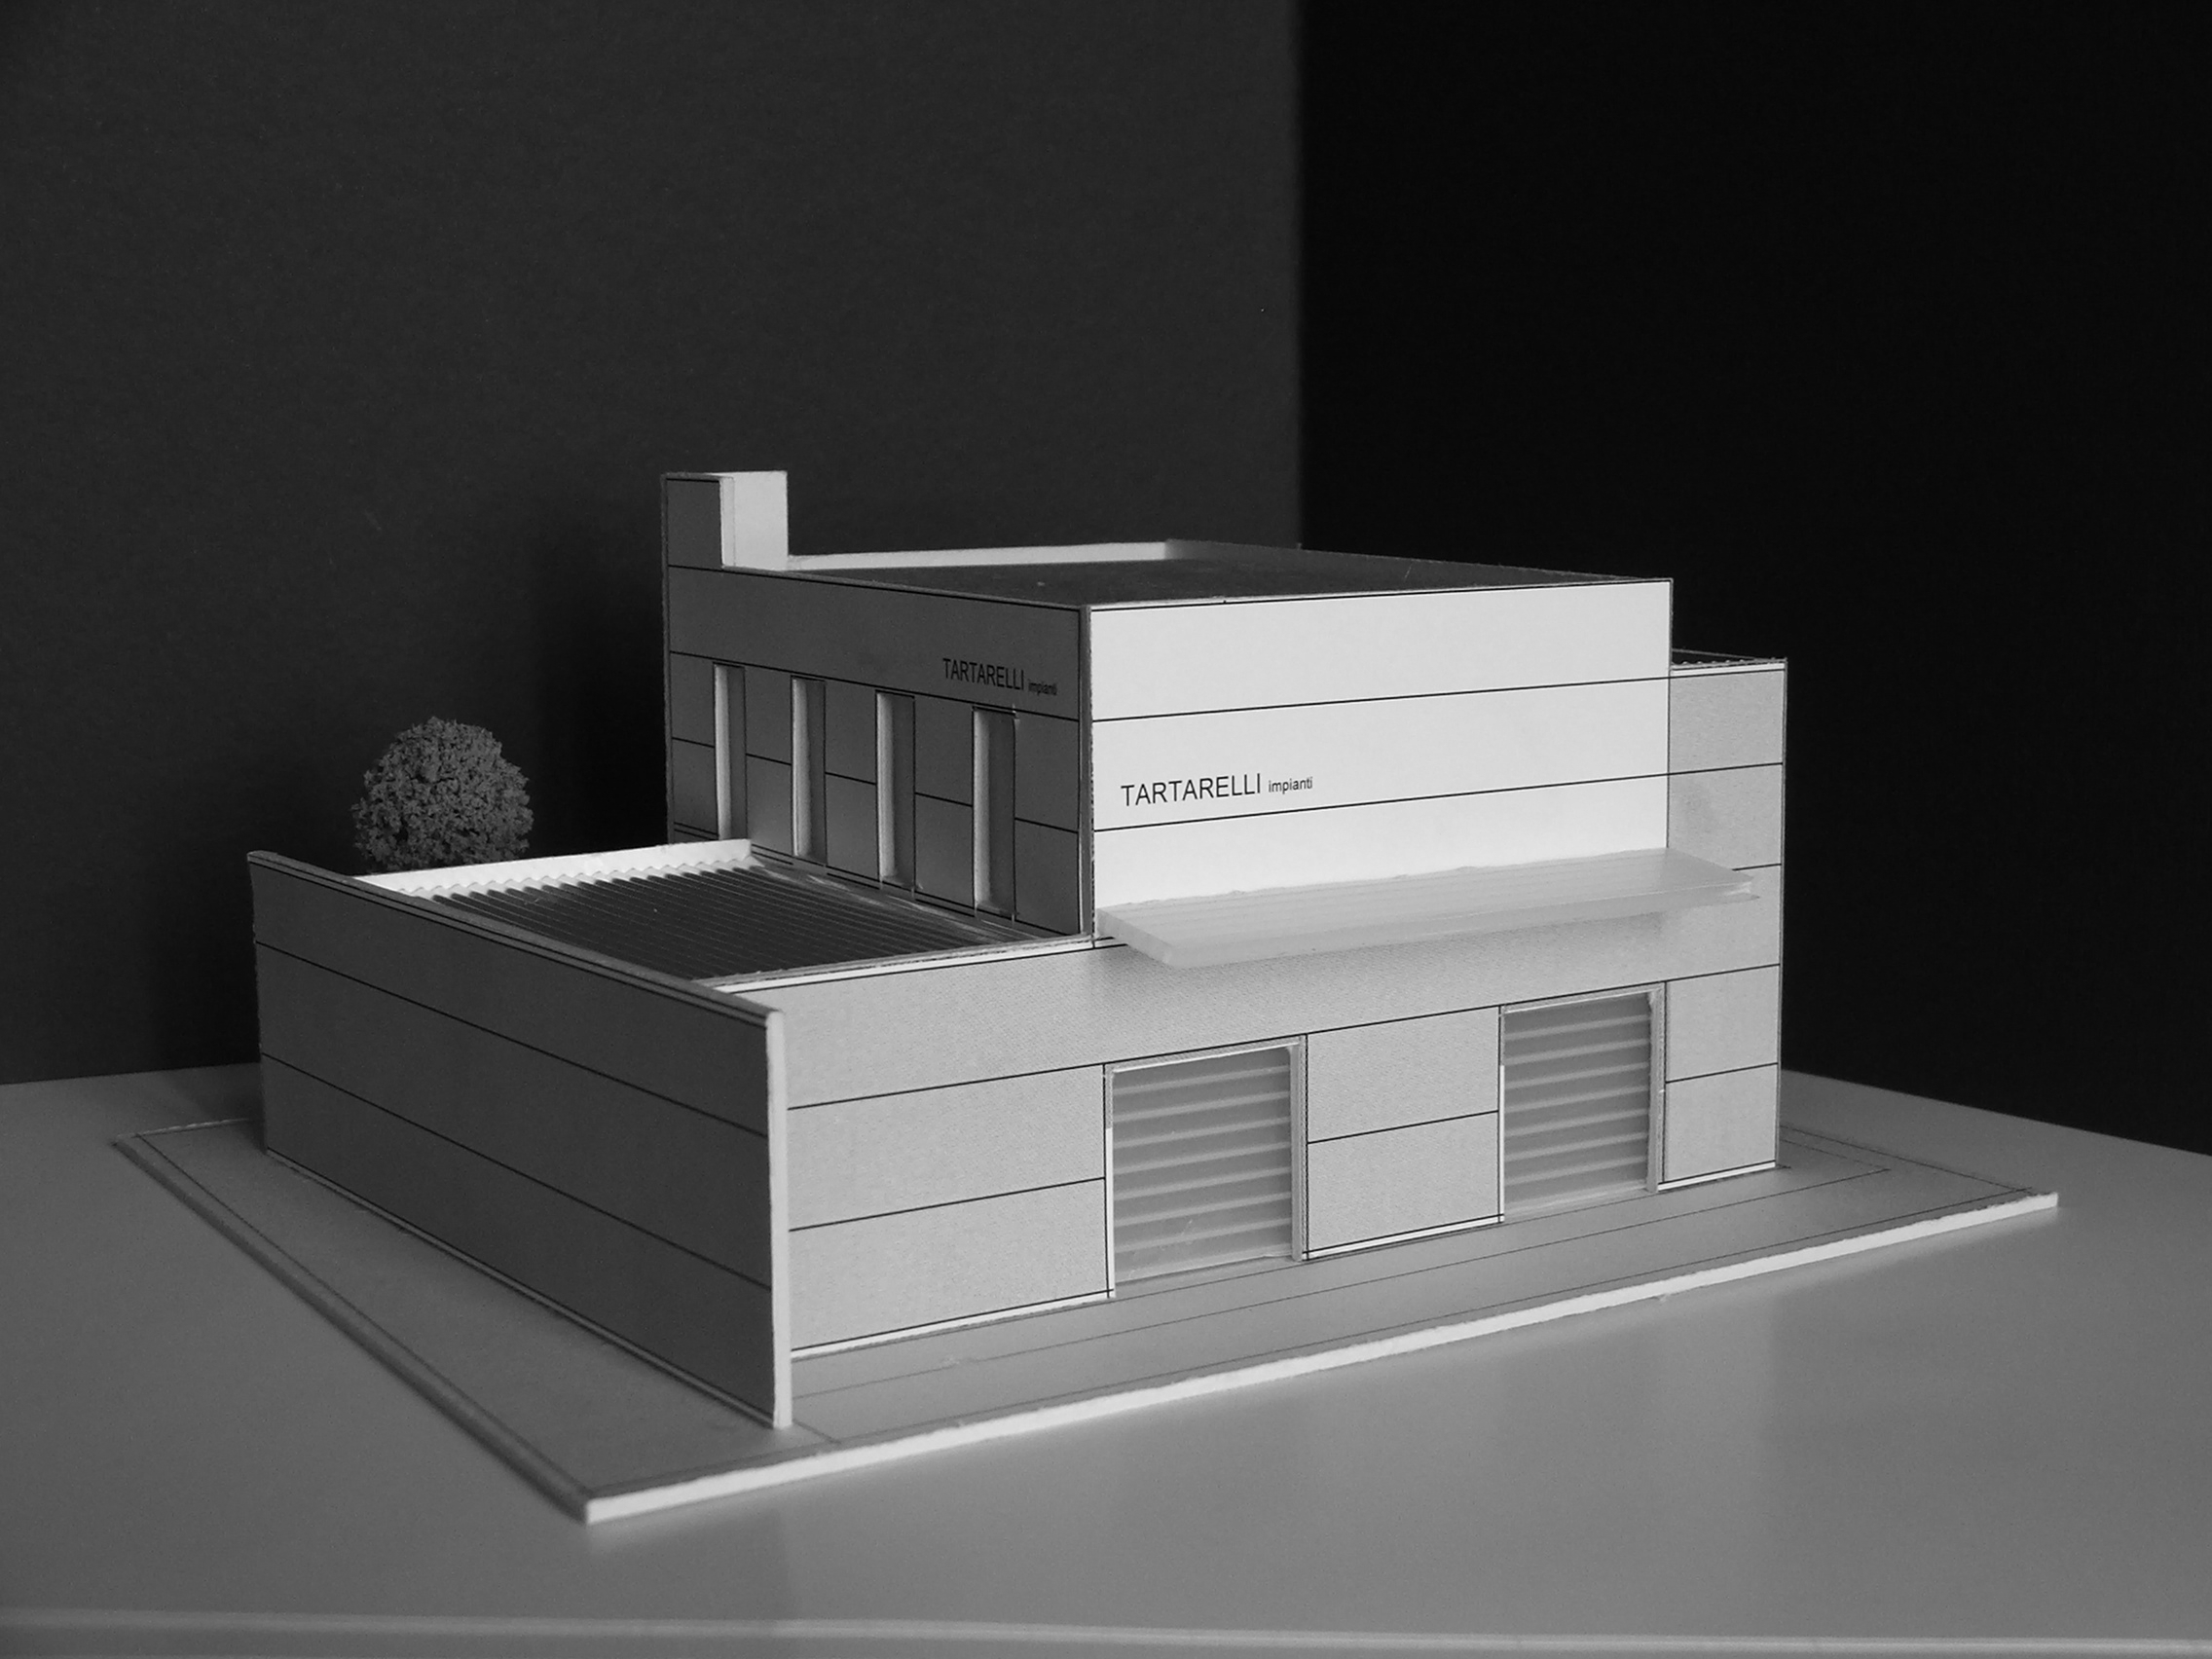 Modello Edificio industriale Tartarelli